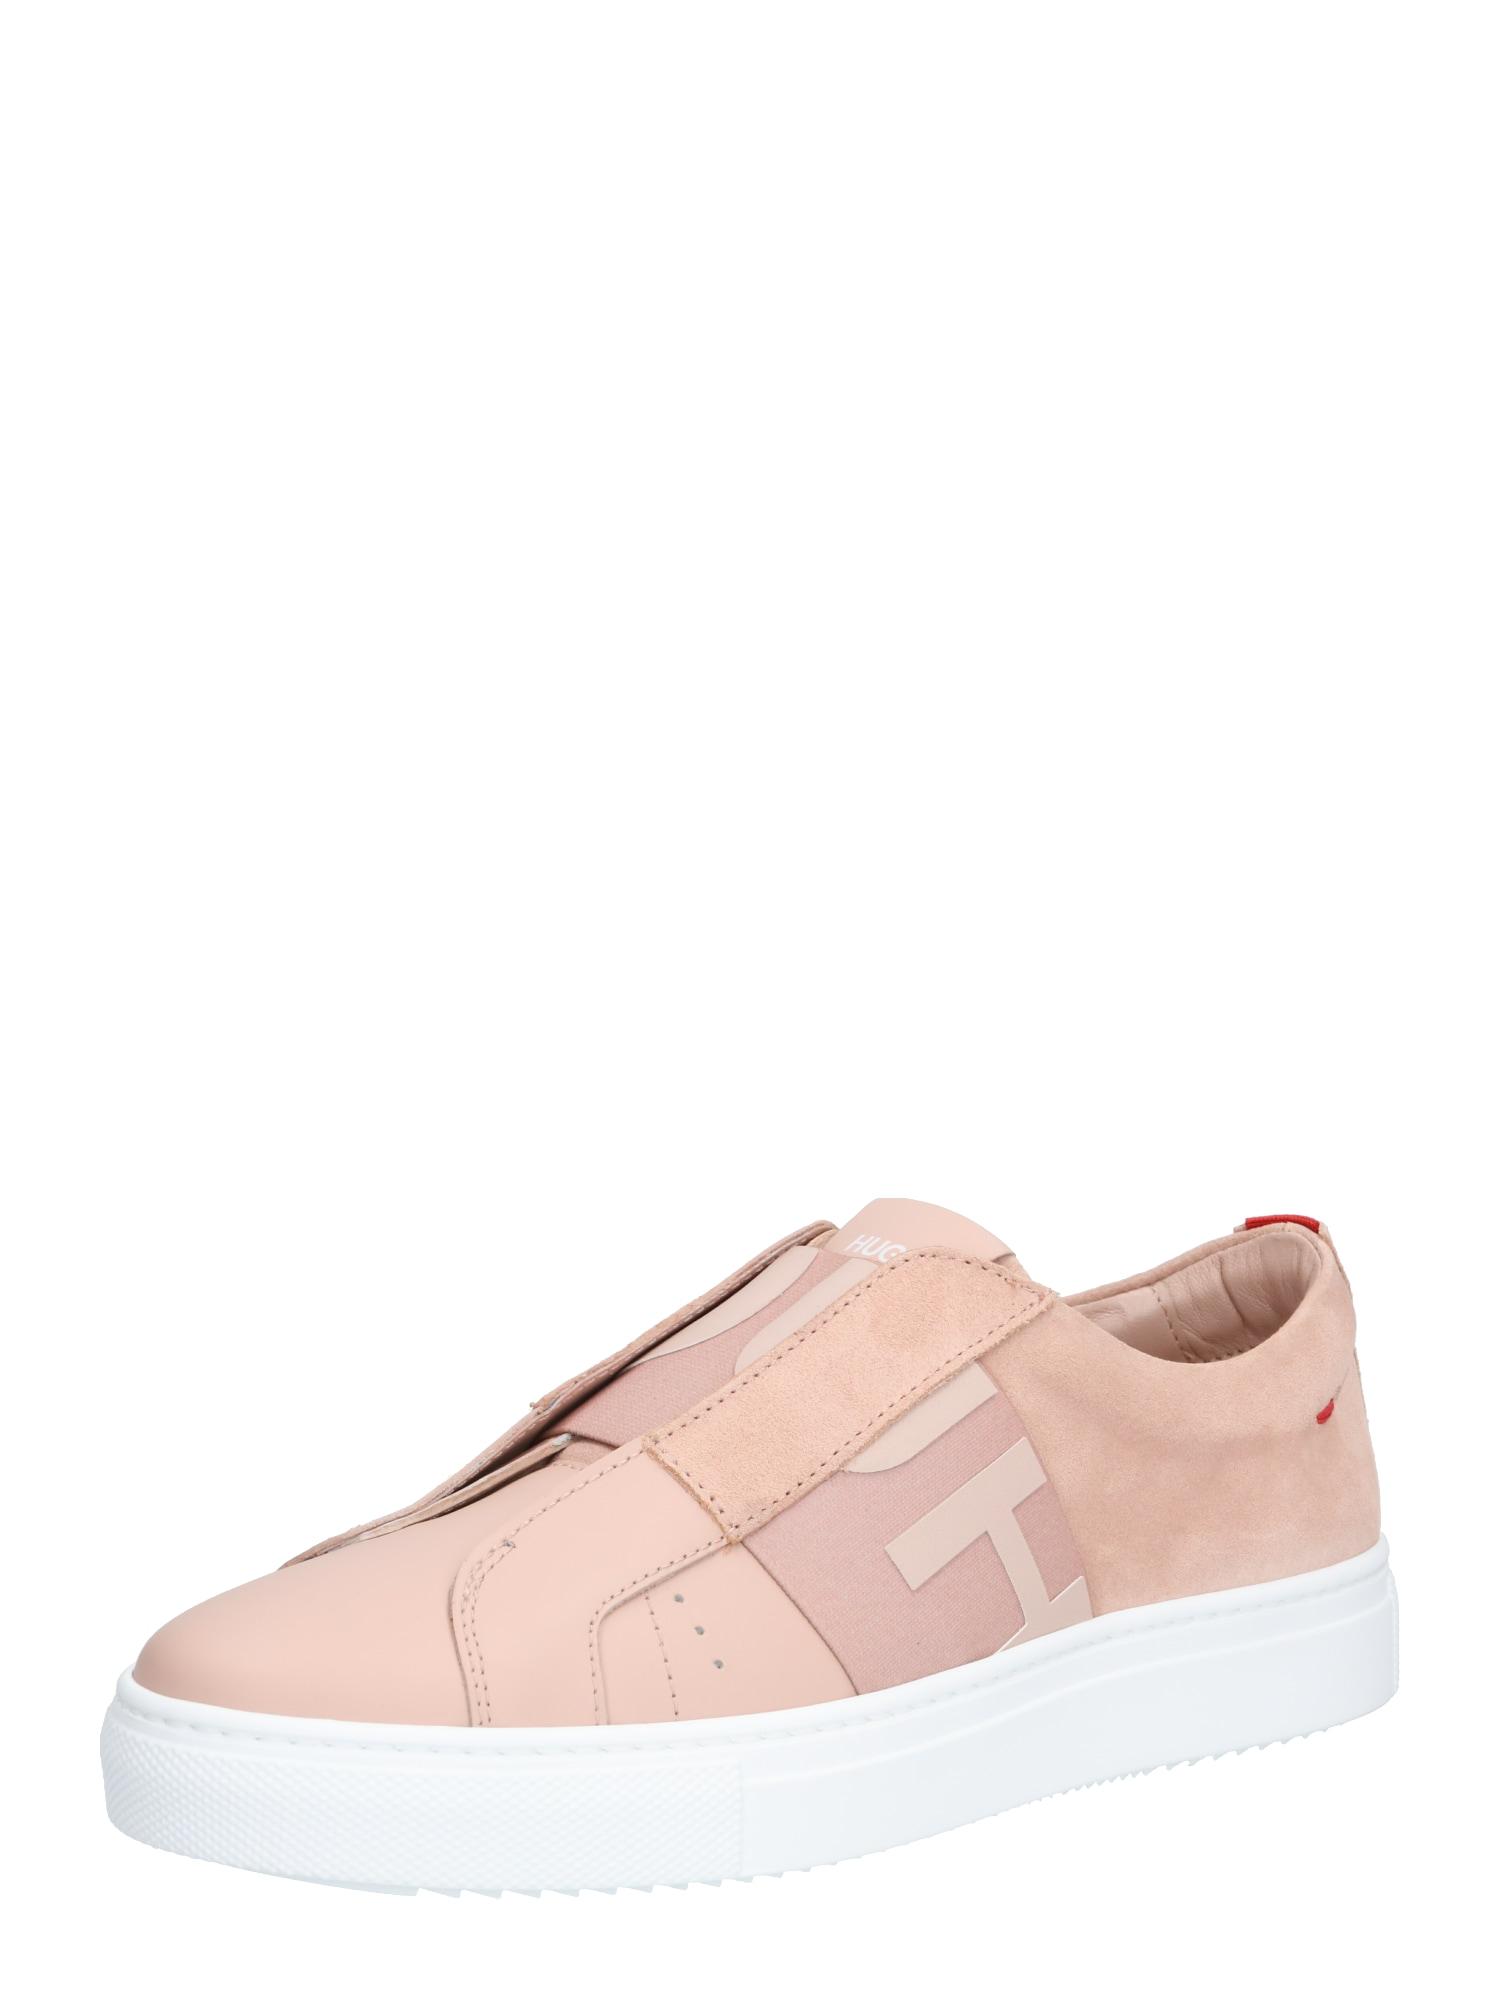 Slip on boty Futurism Low Cut-Mix růžová bílá HUGO